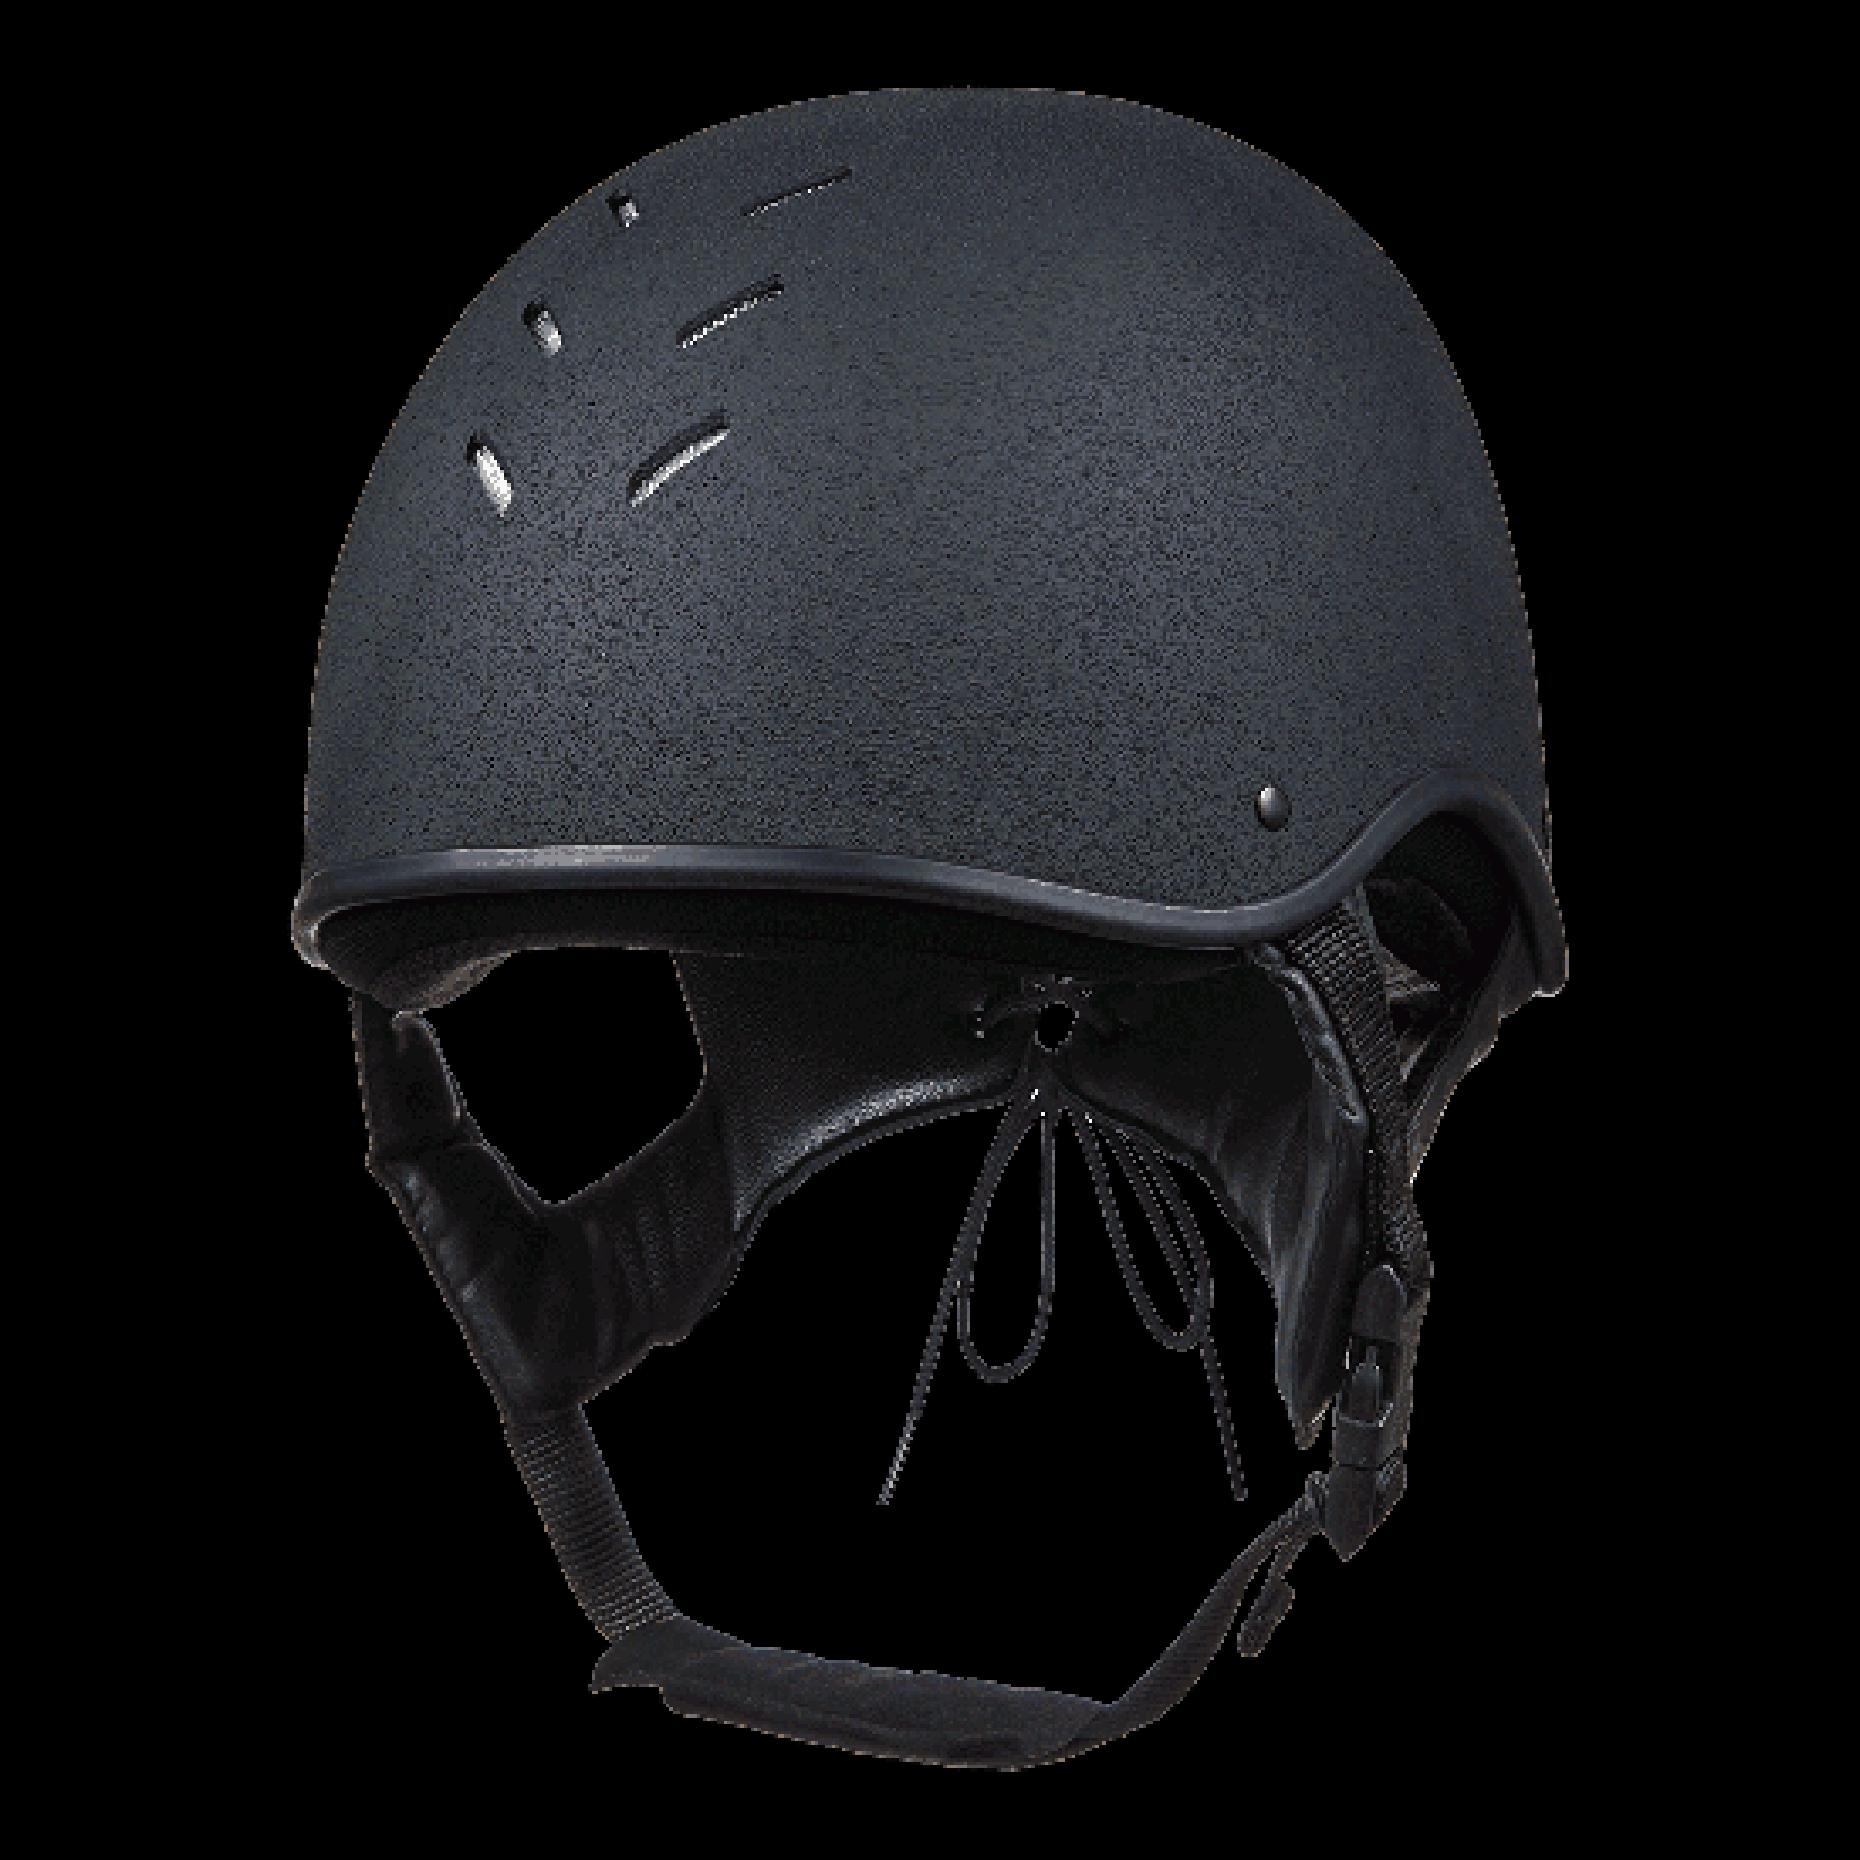 Charles Owen JS 1 Pro jockey Skull